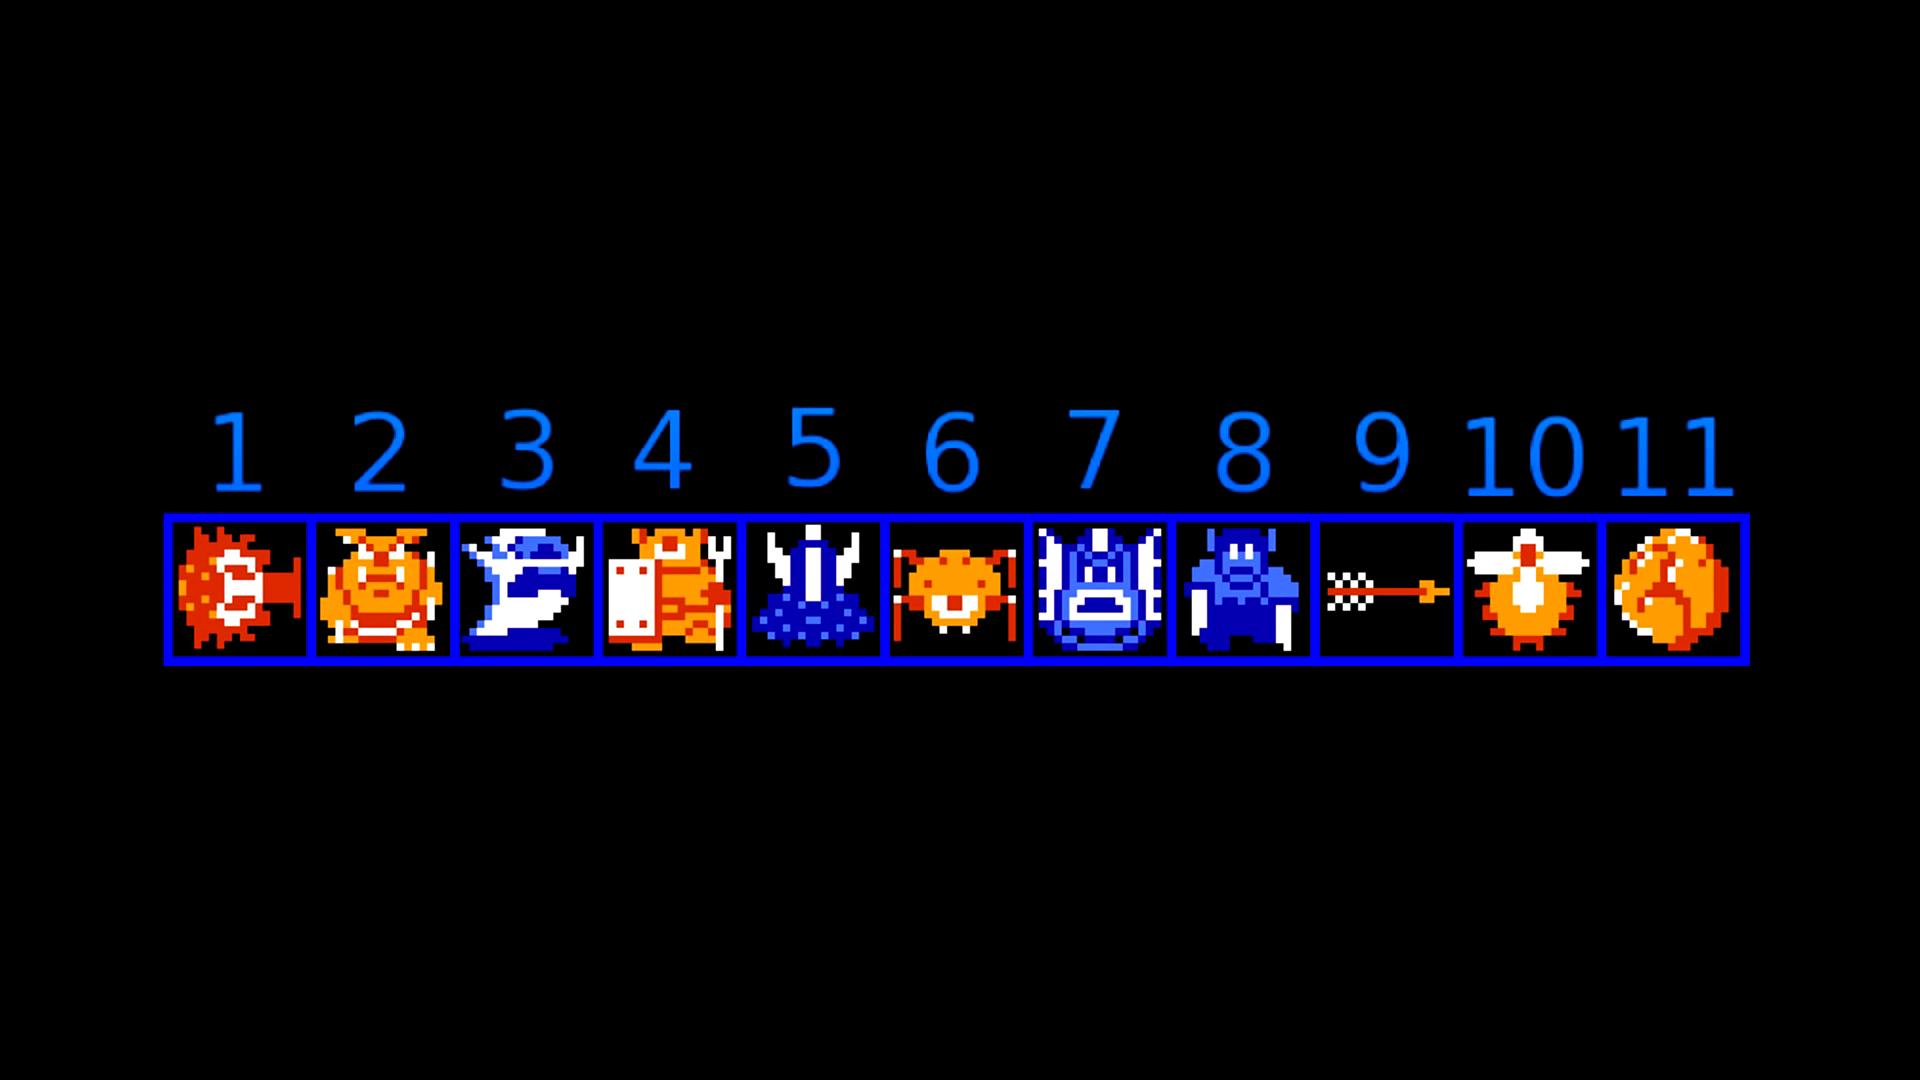 Спидран Legend of Zelda путём манипуляций памятью игры - 5